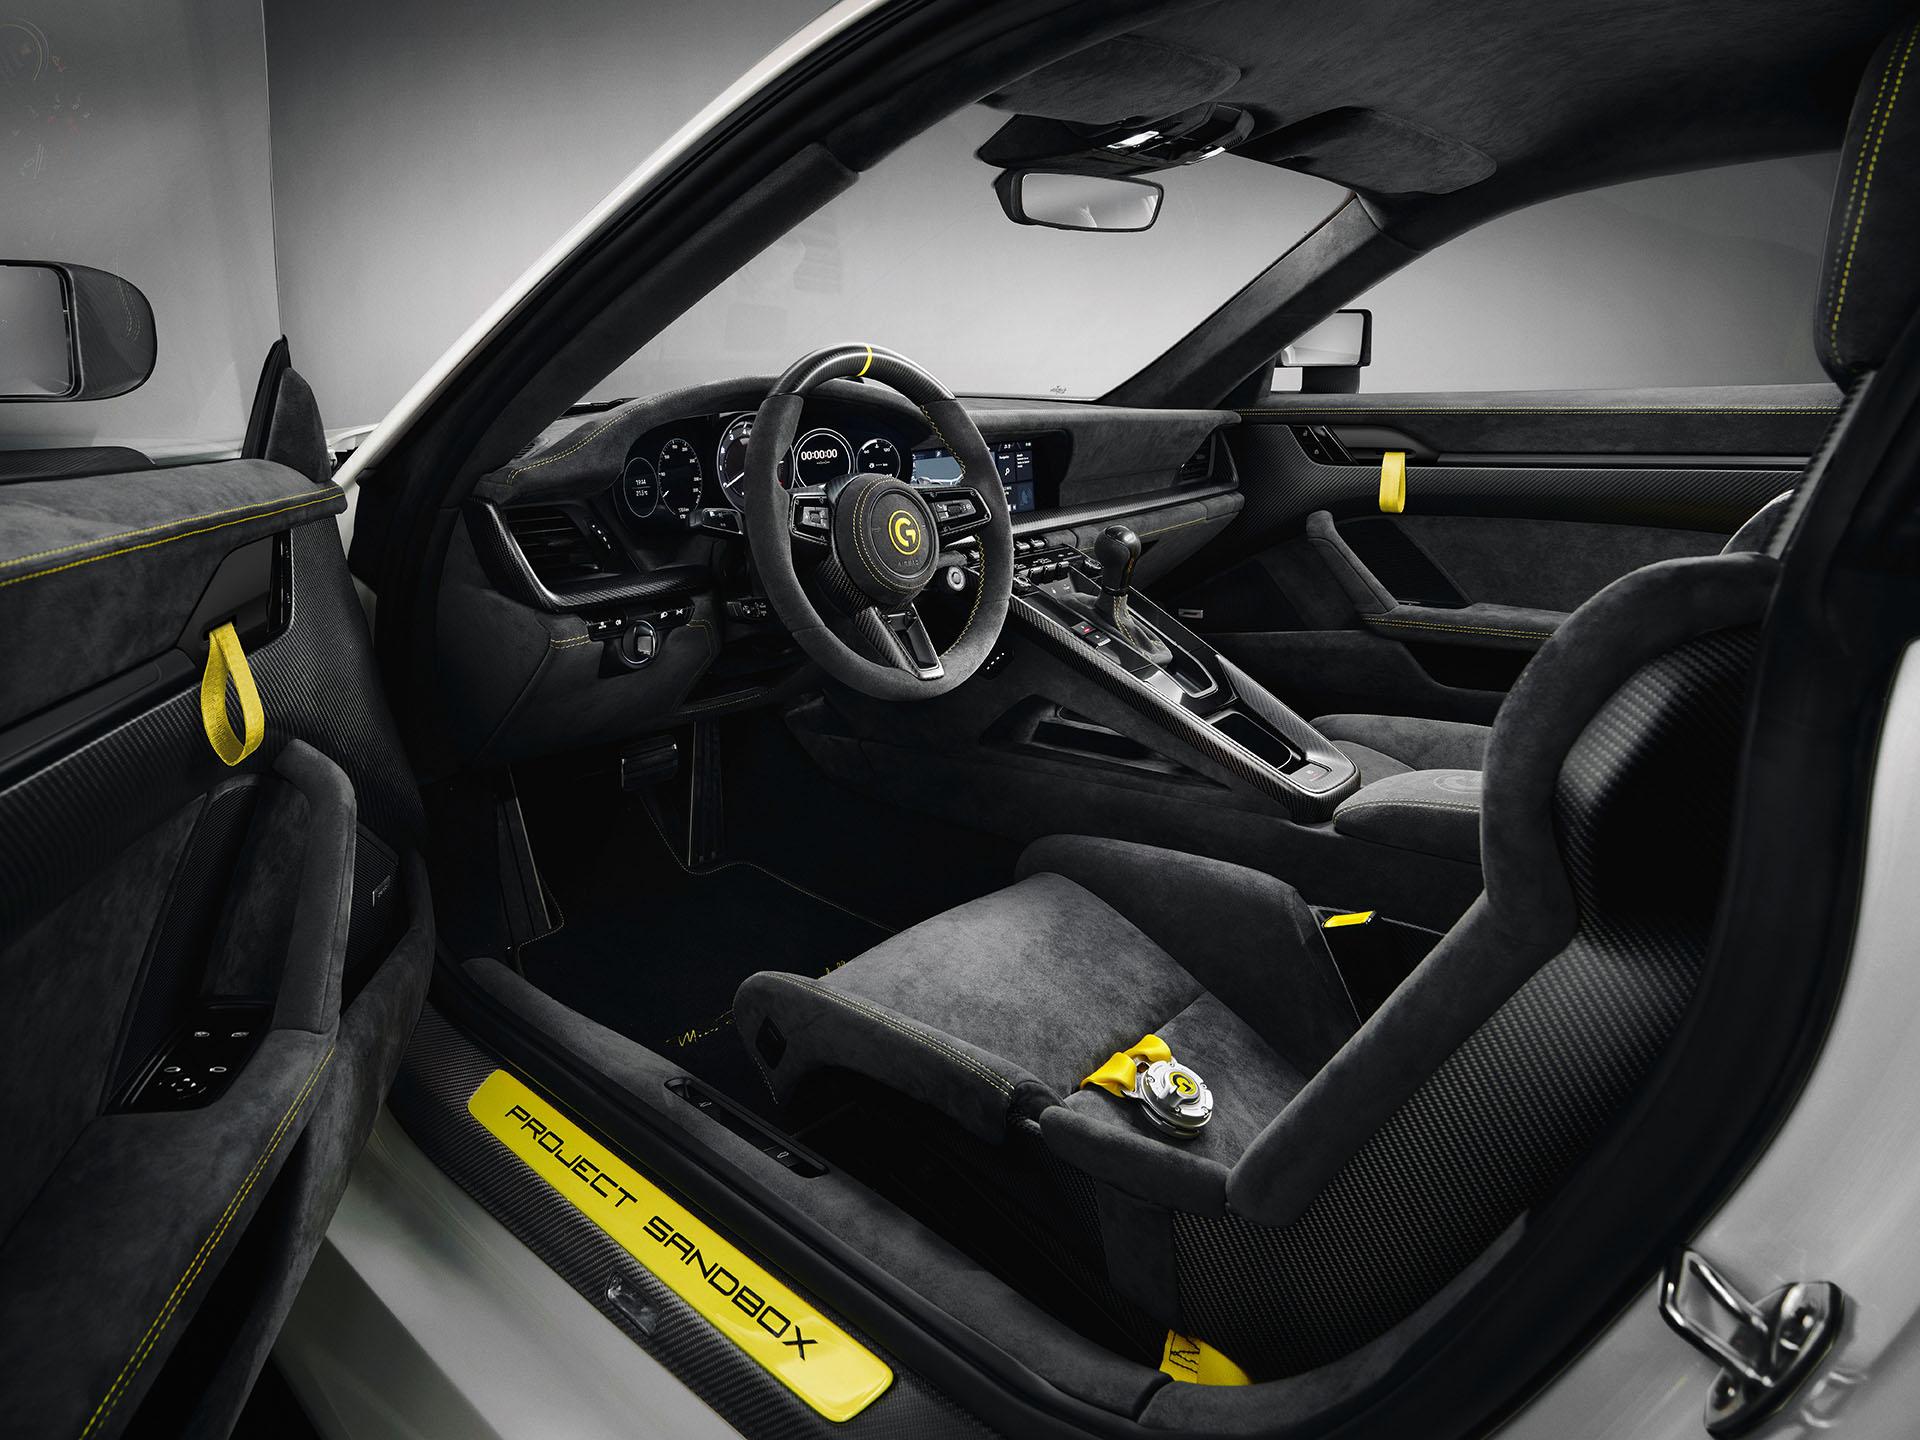 Porsche 959 homage interior